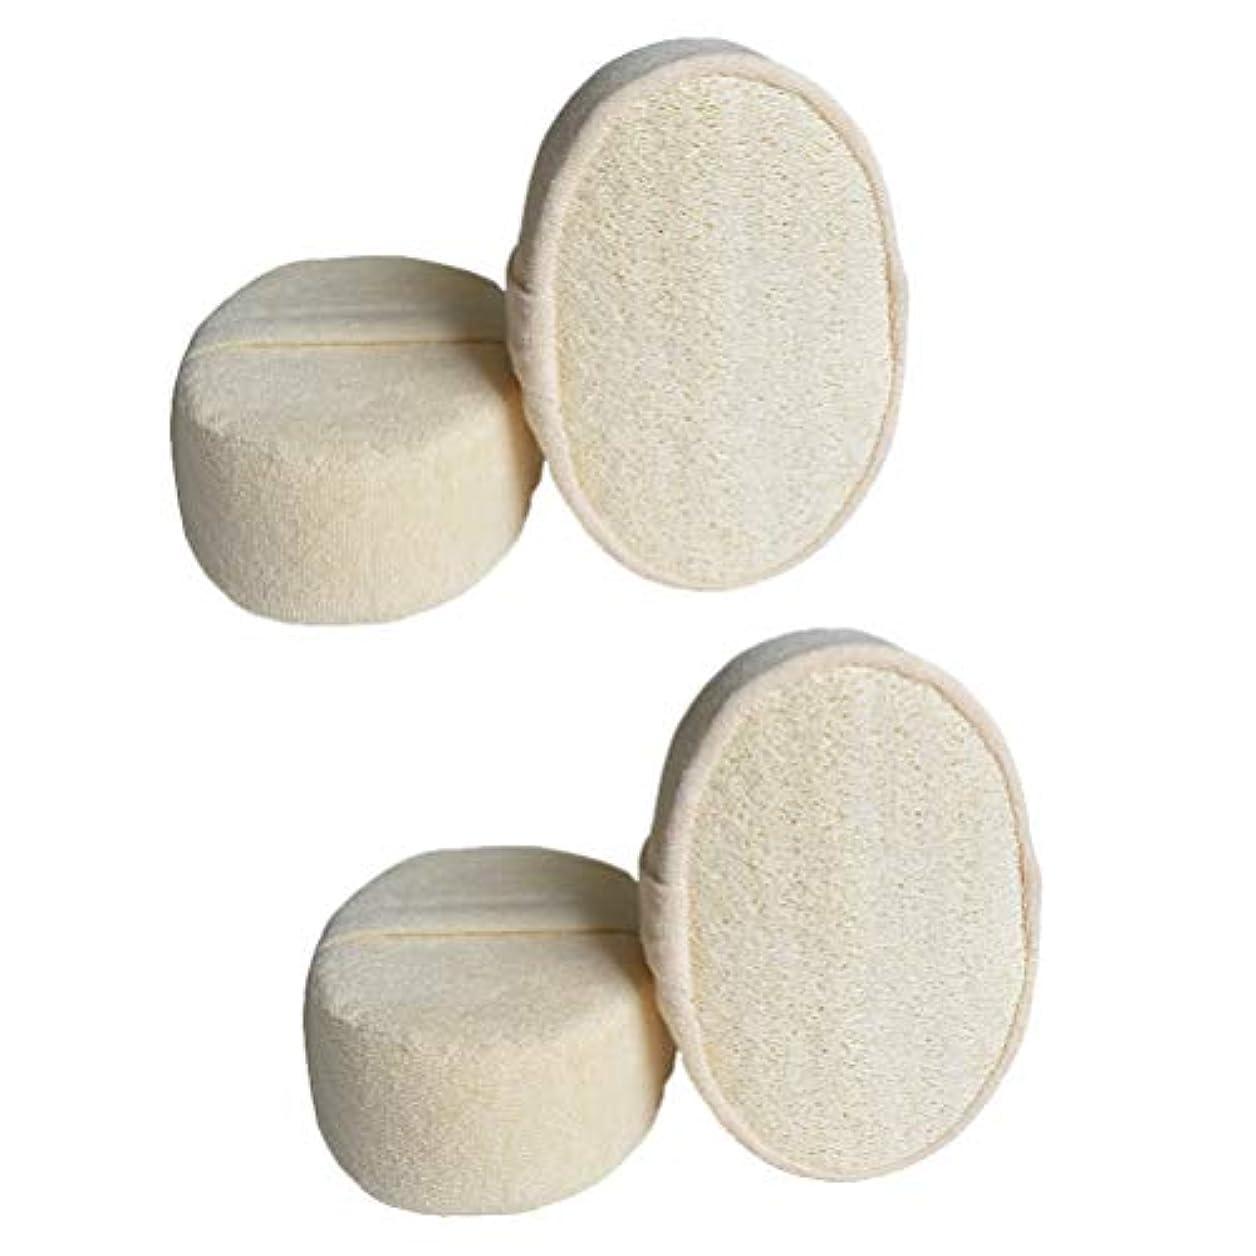 リテラシー意図する脊椎Healifty 4ピース剥離剥離剤パッドloofaスポンジスクラバーブラシ用風呂スパシャワー